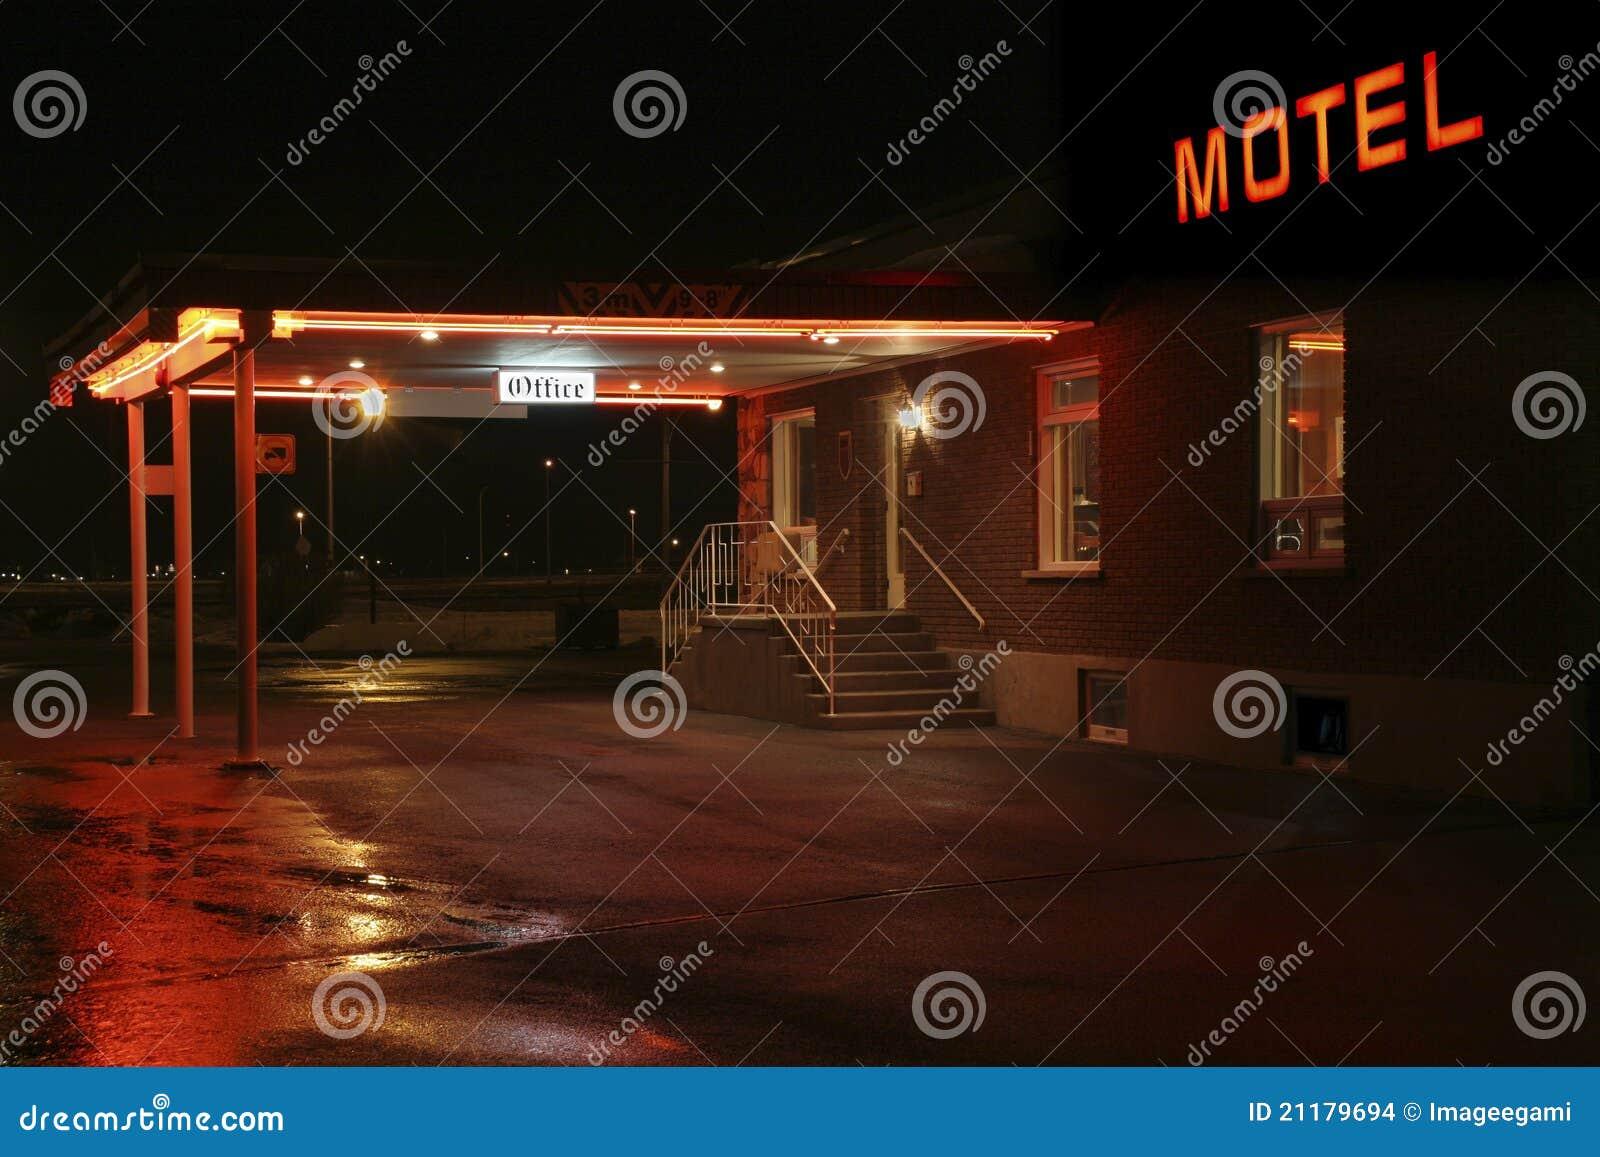 νύχτα μοτέλ εισόδων